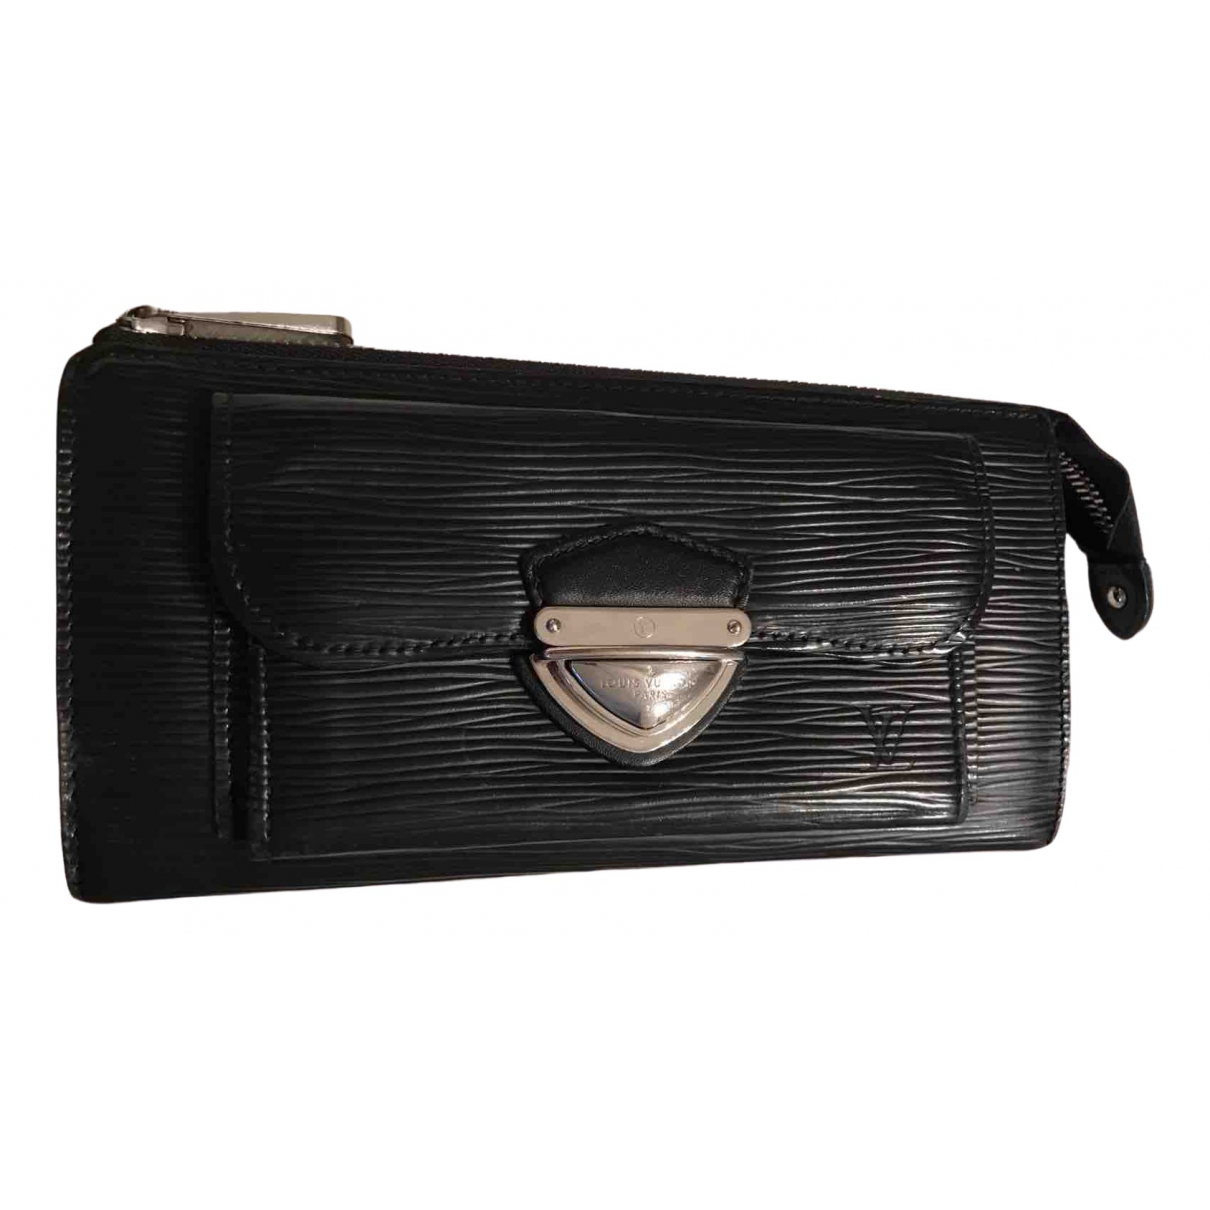 Louis Vuitton - Portefeuille   pour femme en cuir - noir